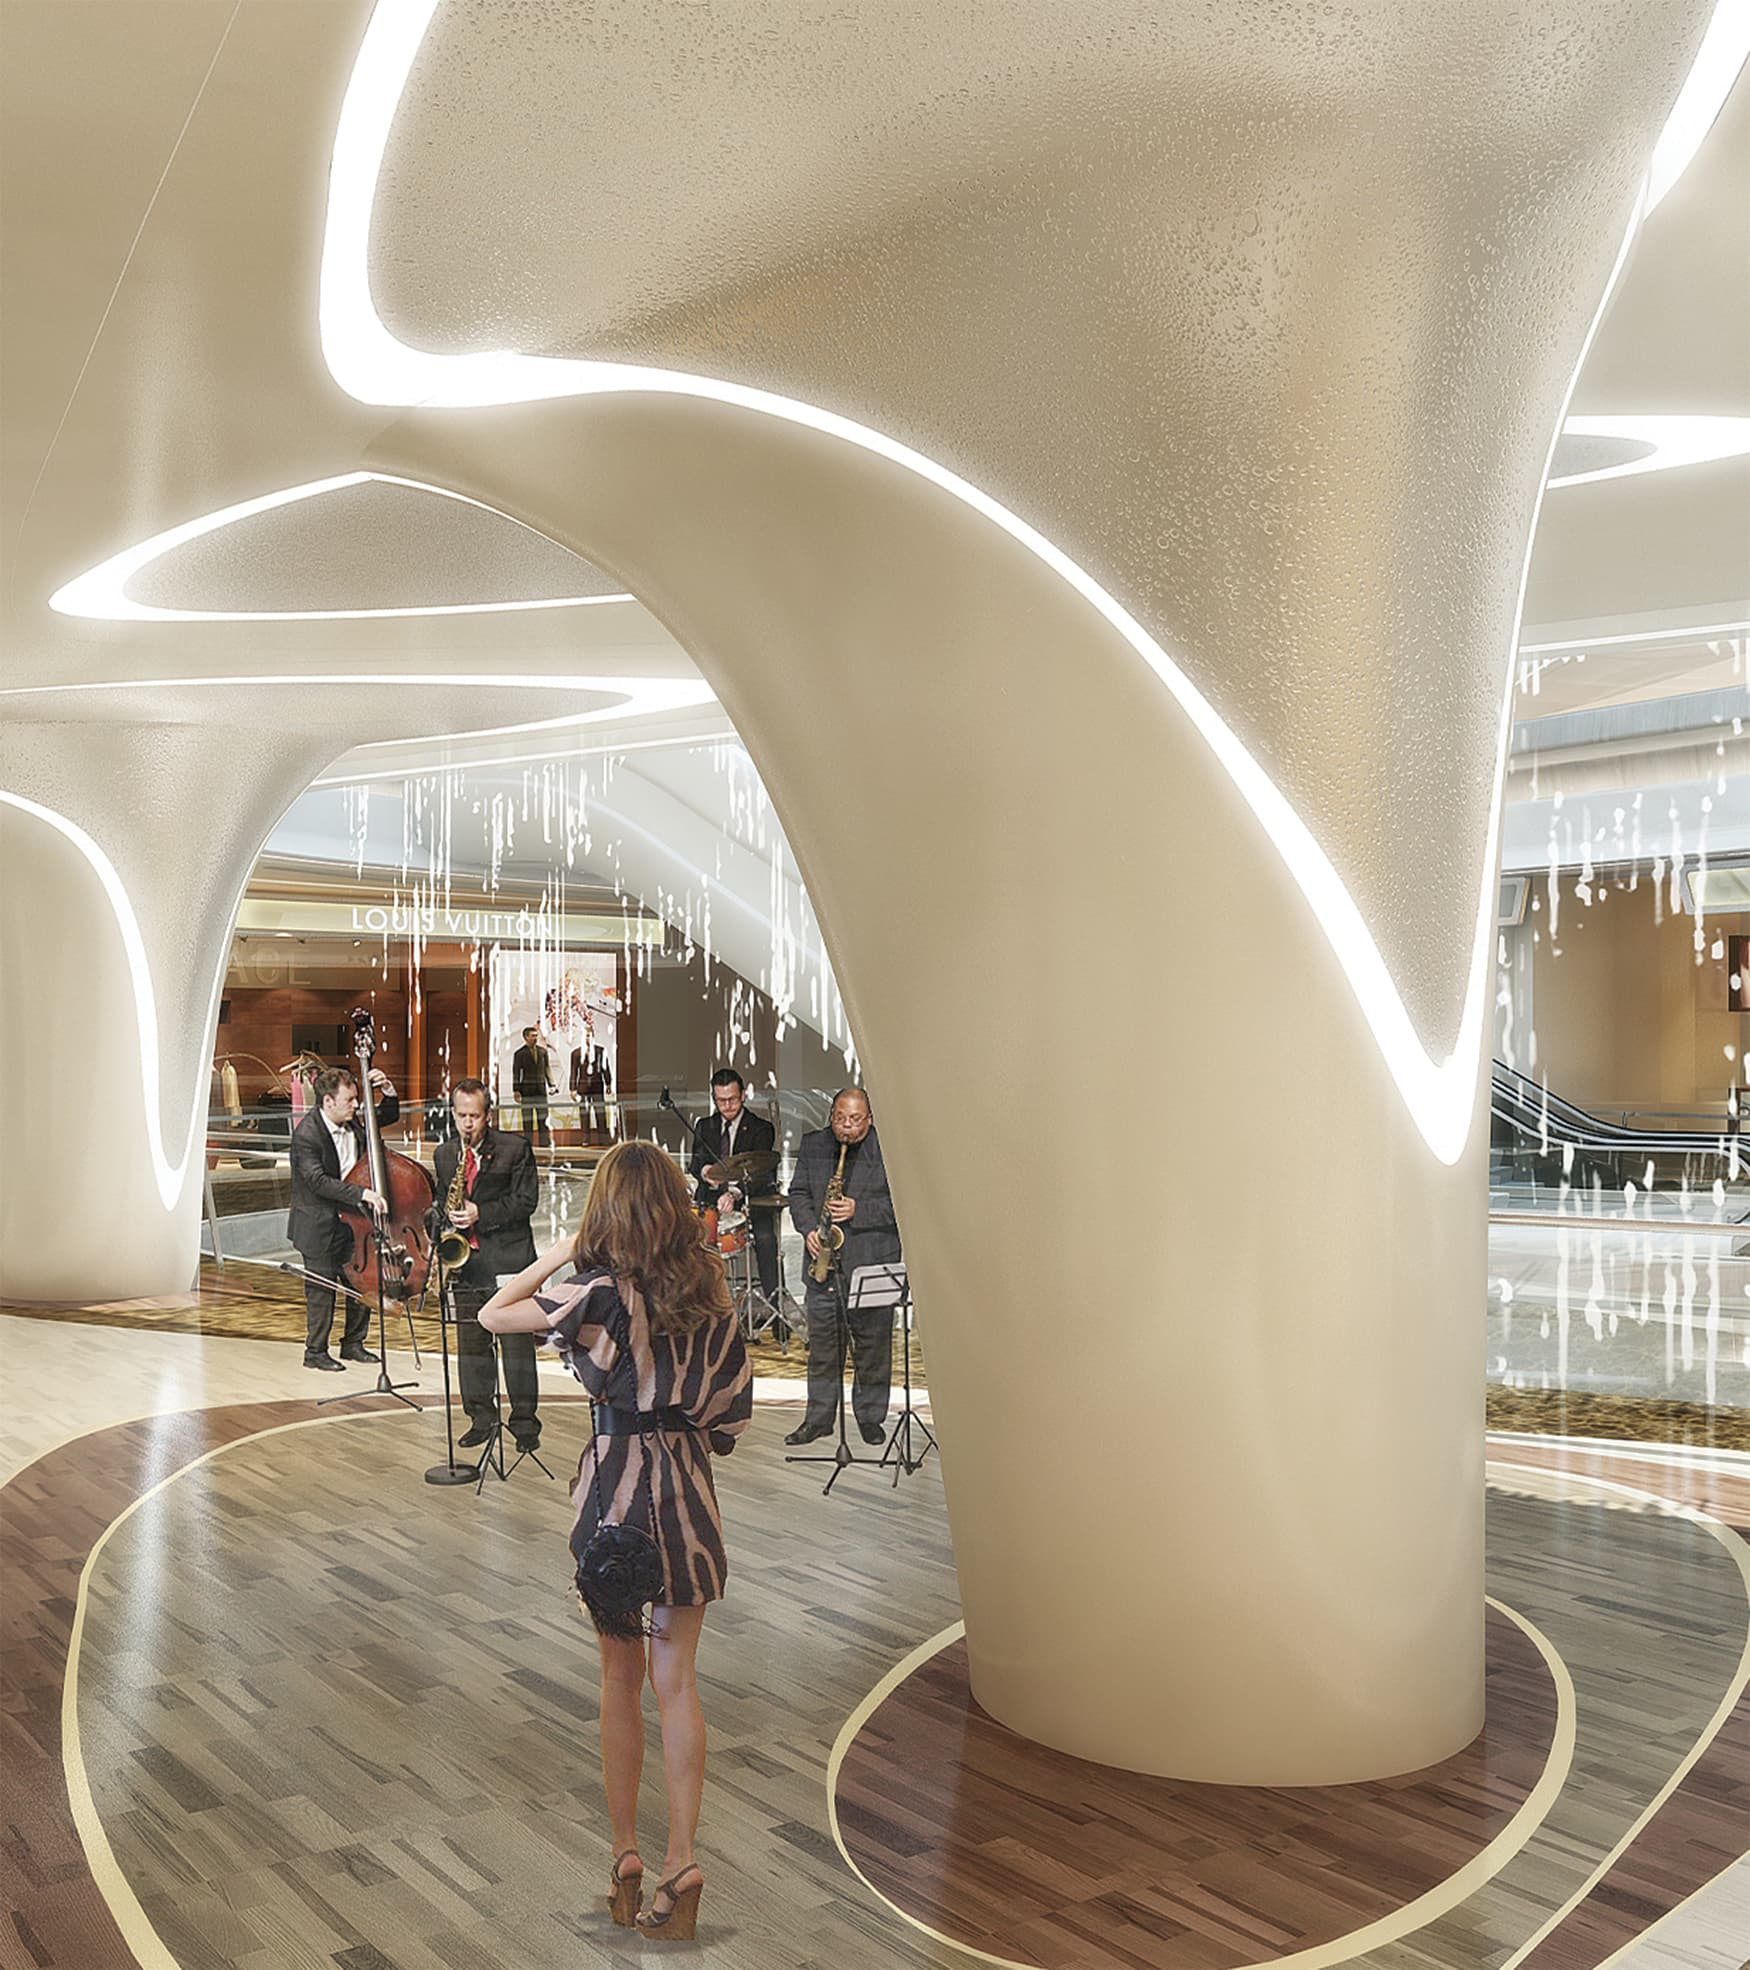 K11, located in Tianjin, China, is a super high-rise complex development.